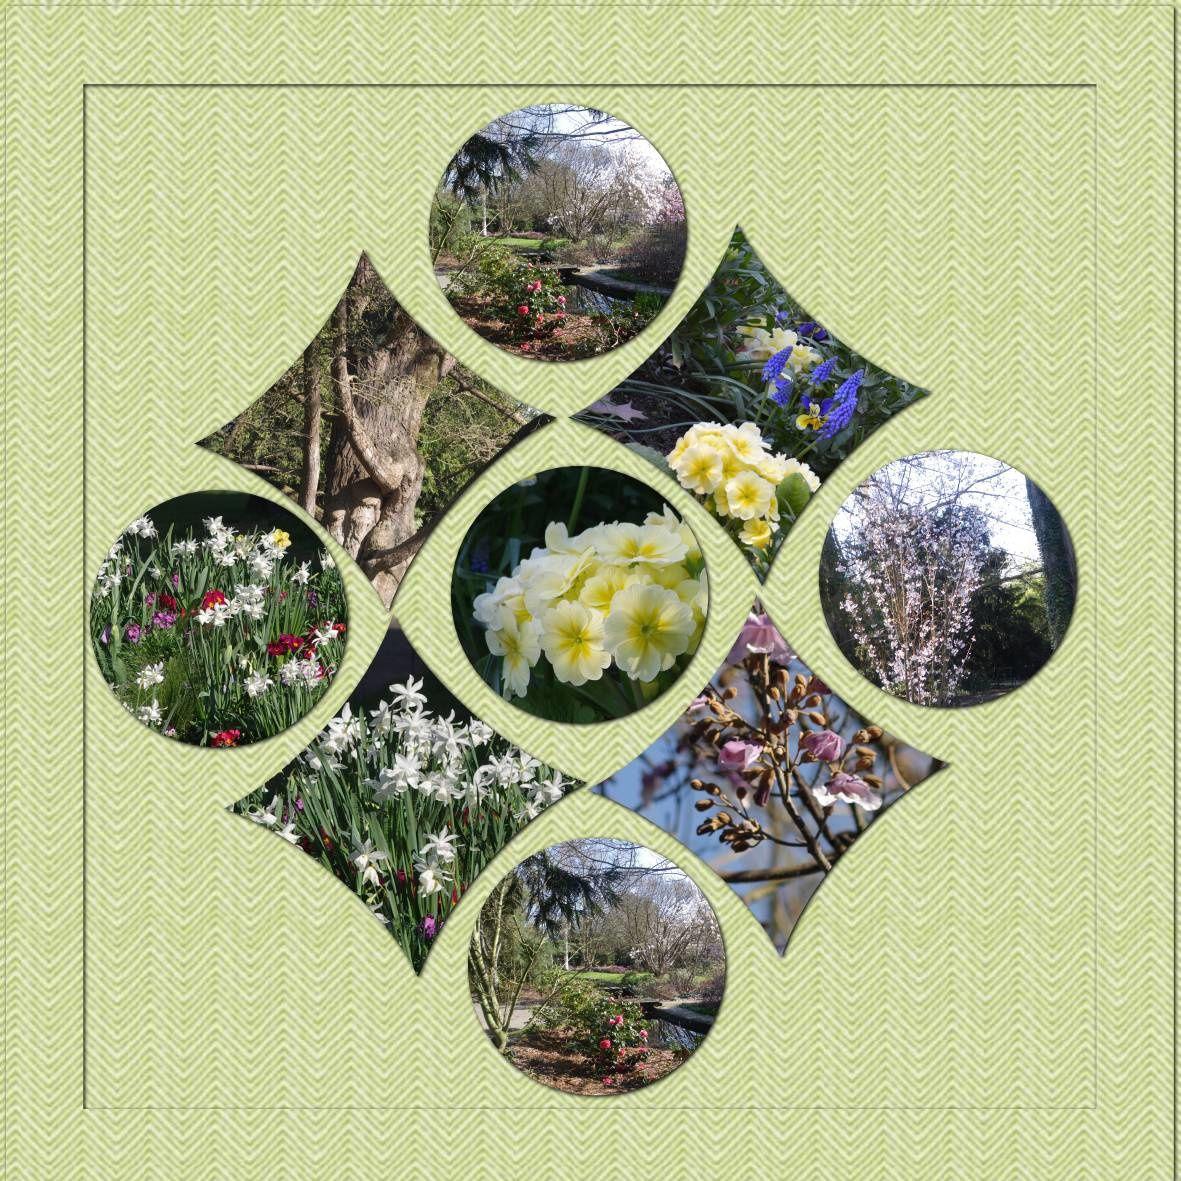 au jardin botanique - arbres et fleurs